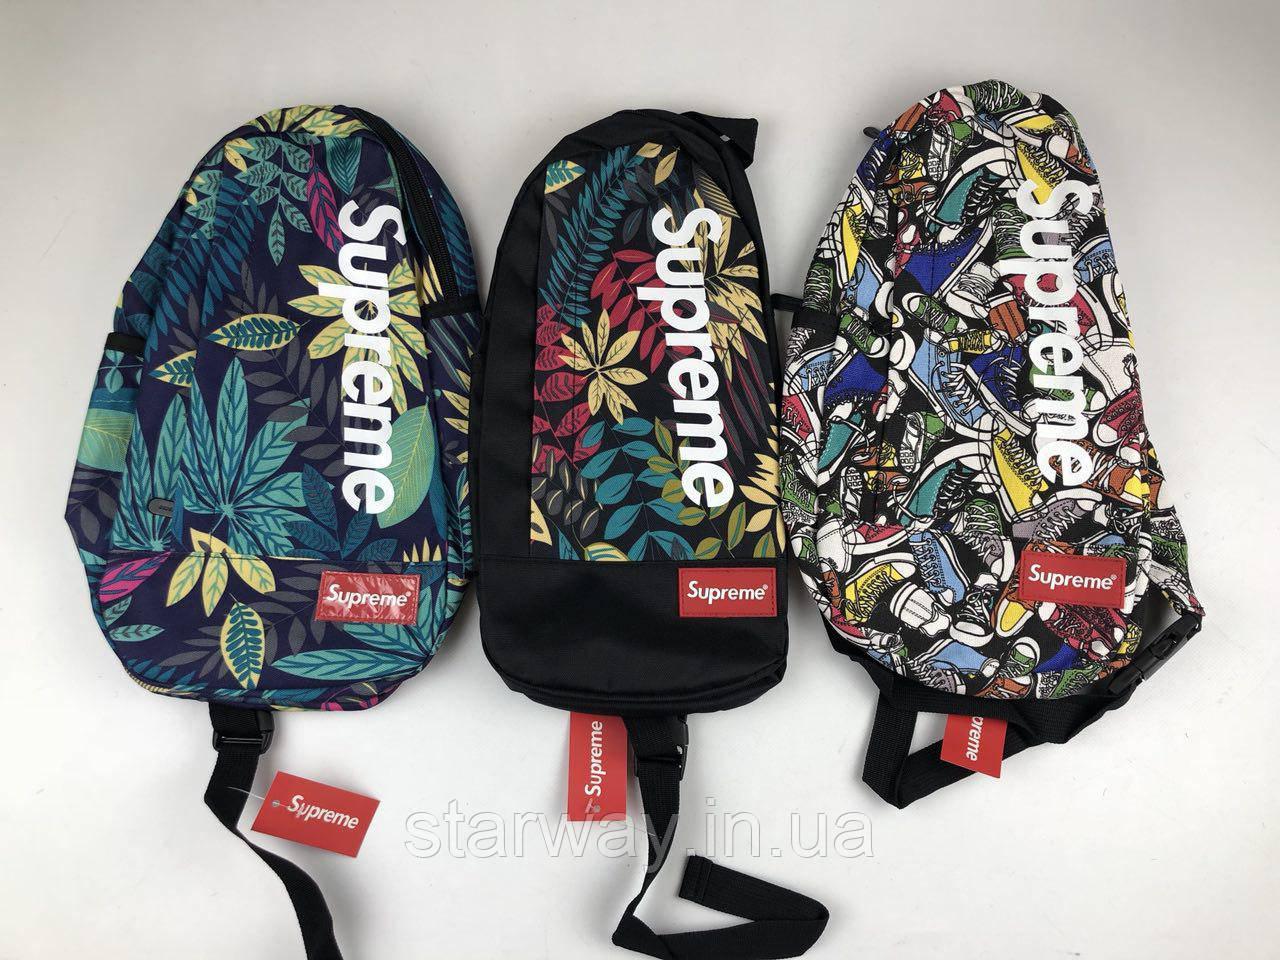 Сумка мессенджер Supreme тропики кеды лого | новая модель